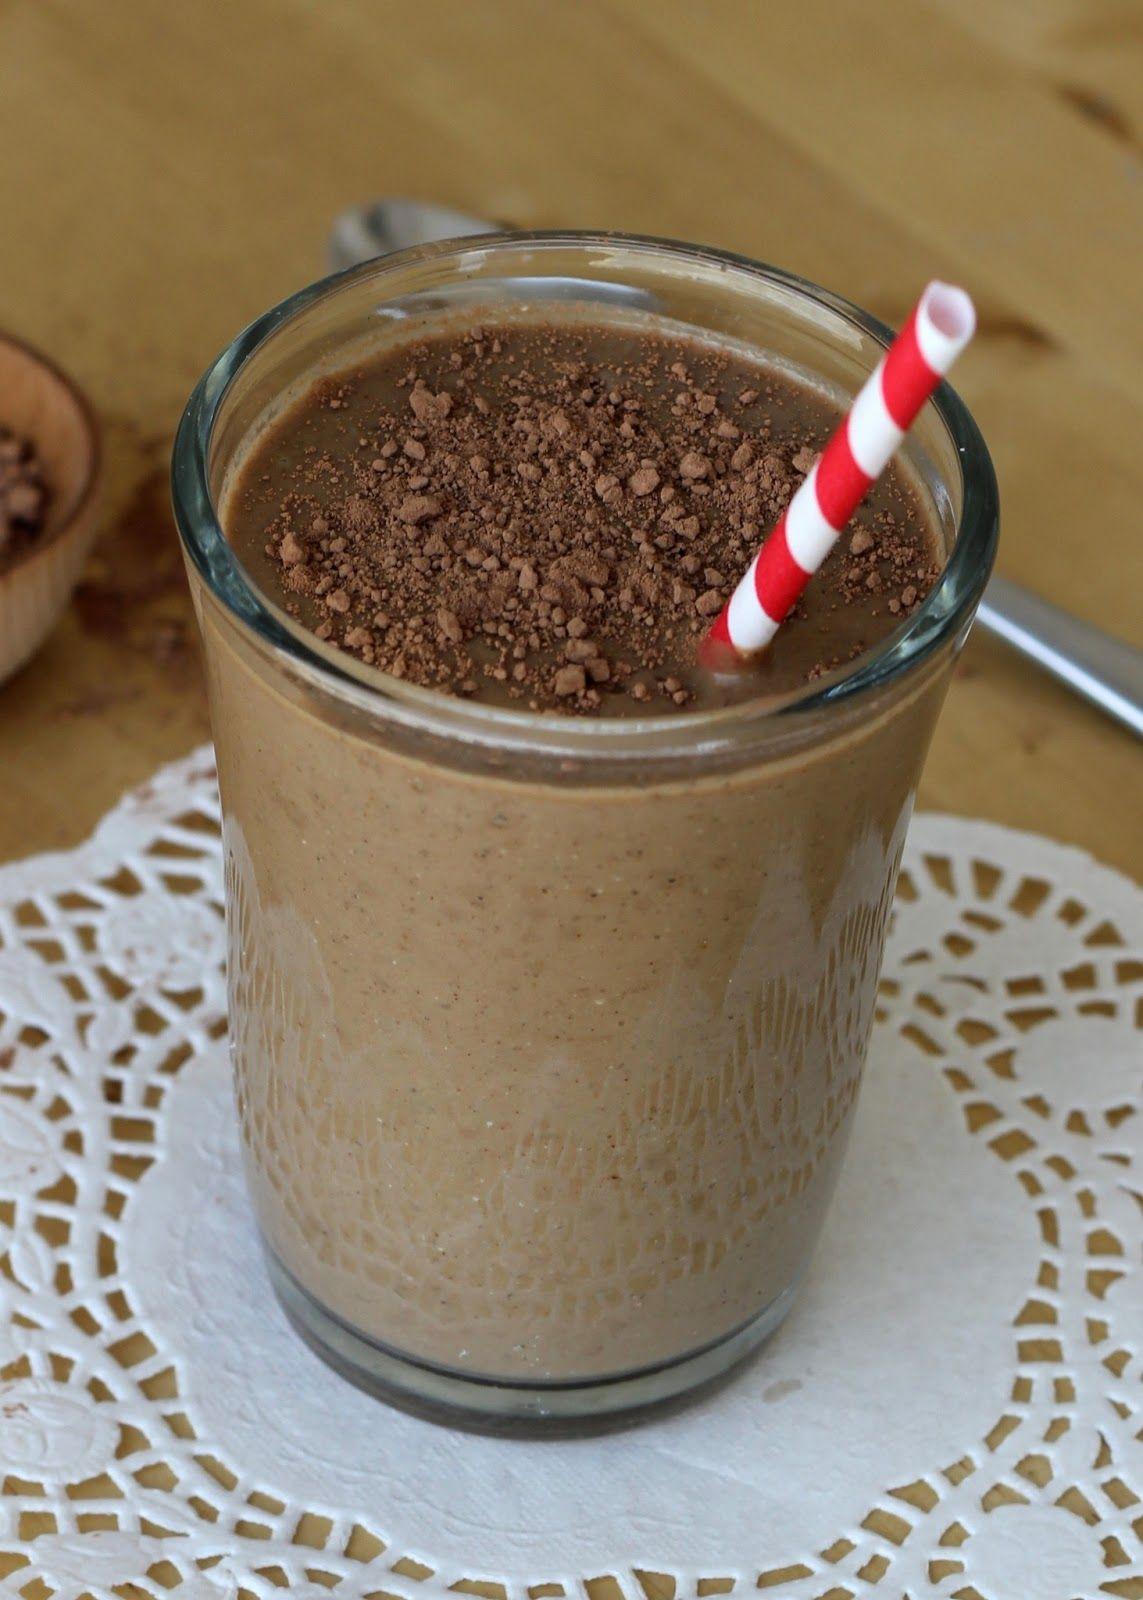 Chocolate Avocado Smoothie Recipe With Images Avocado